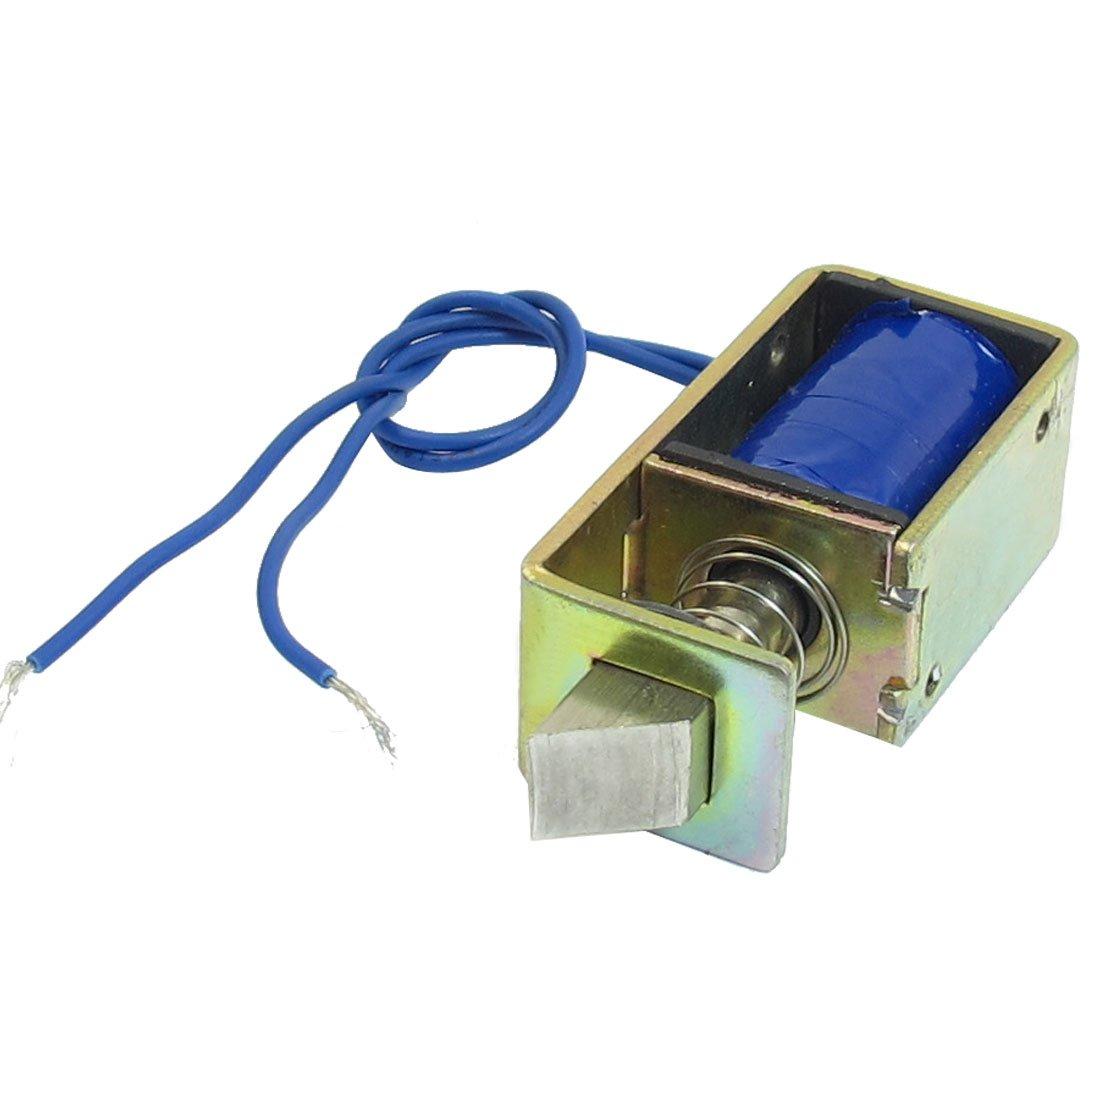 Solenoide per serrature elettriche porte,telaio aperto,DC 12V 1A 10mm 15N di for